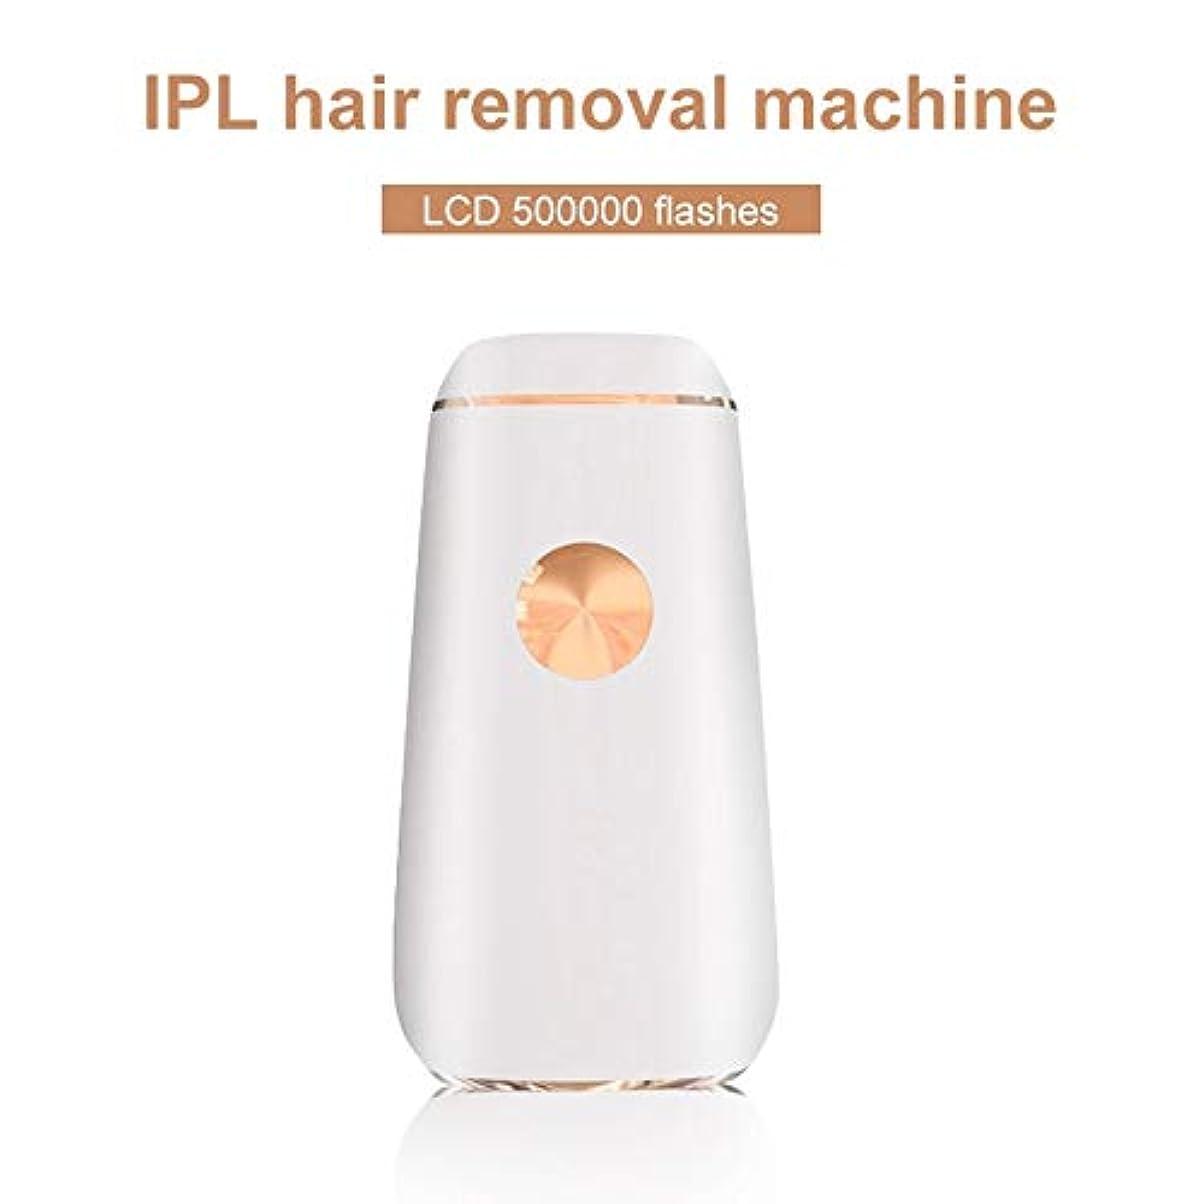 ミニ脱毛器レーザーポータブル永久脱毛装置顔脱毛装置レーザー用すべてのボディ脱毛機500000点滅